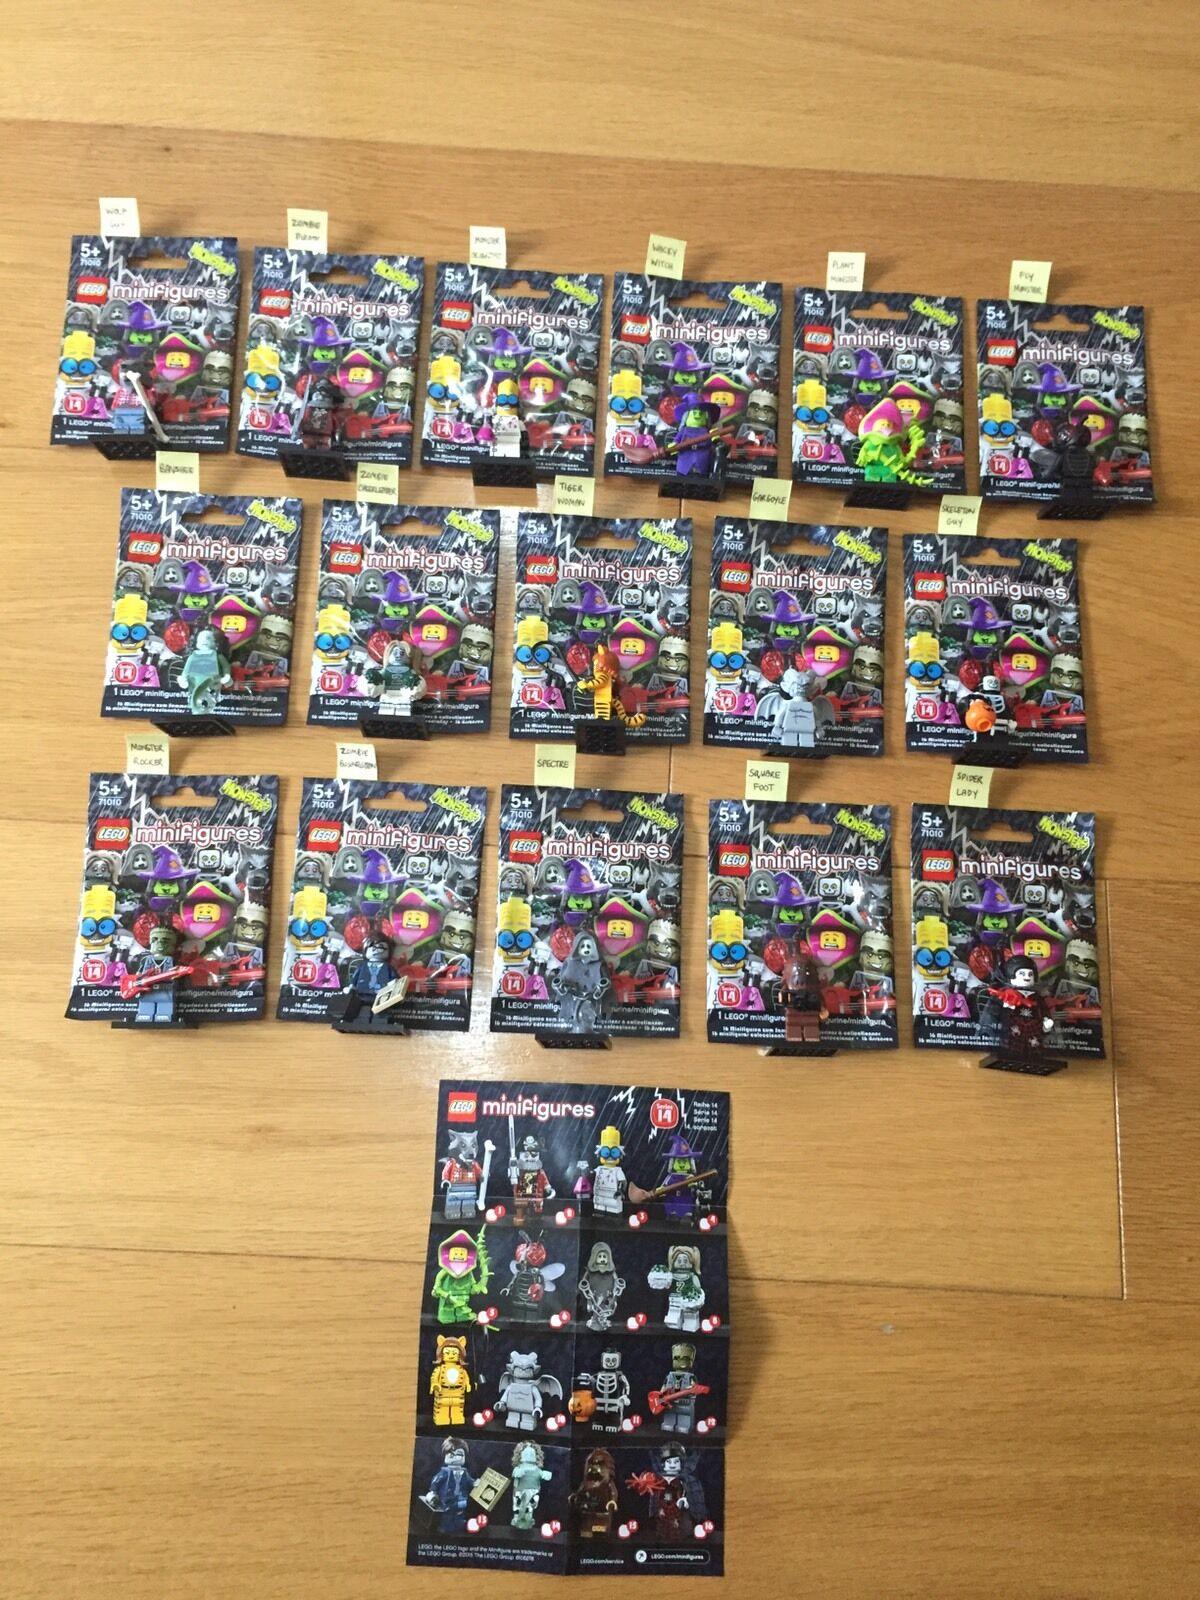 NUOVO   MOSTRI LEGO MINIcifraS SERIE 71010 SERIE COMPLETA RARA  autentico